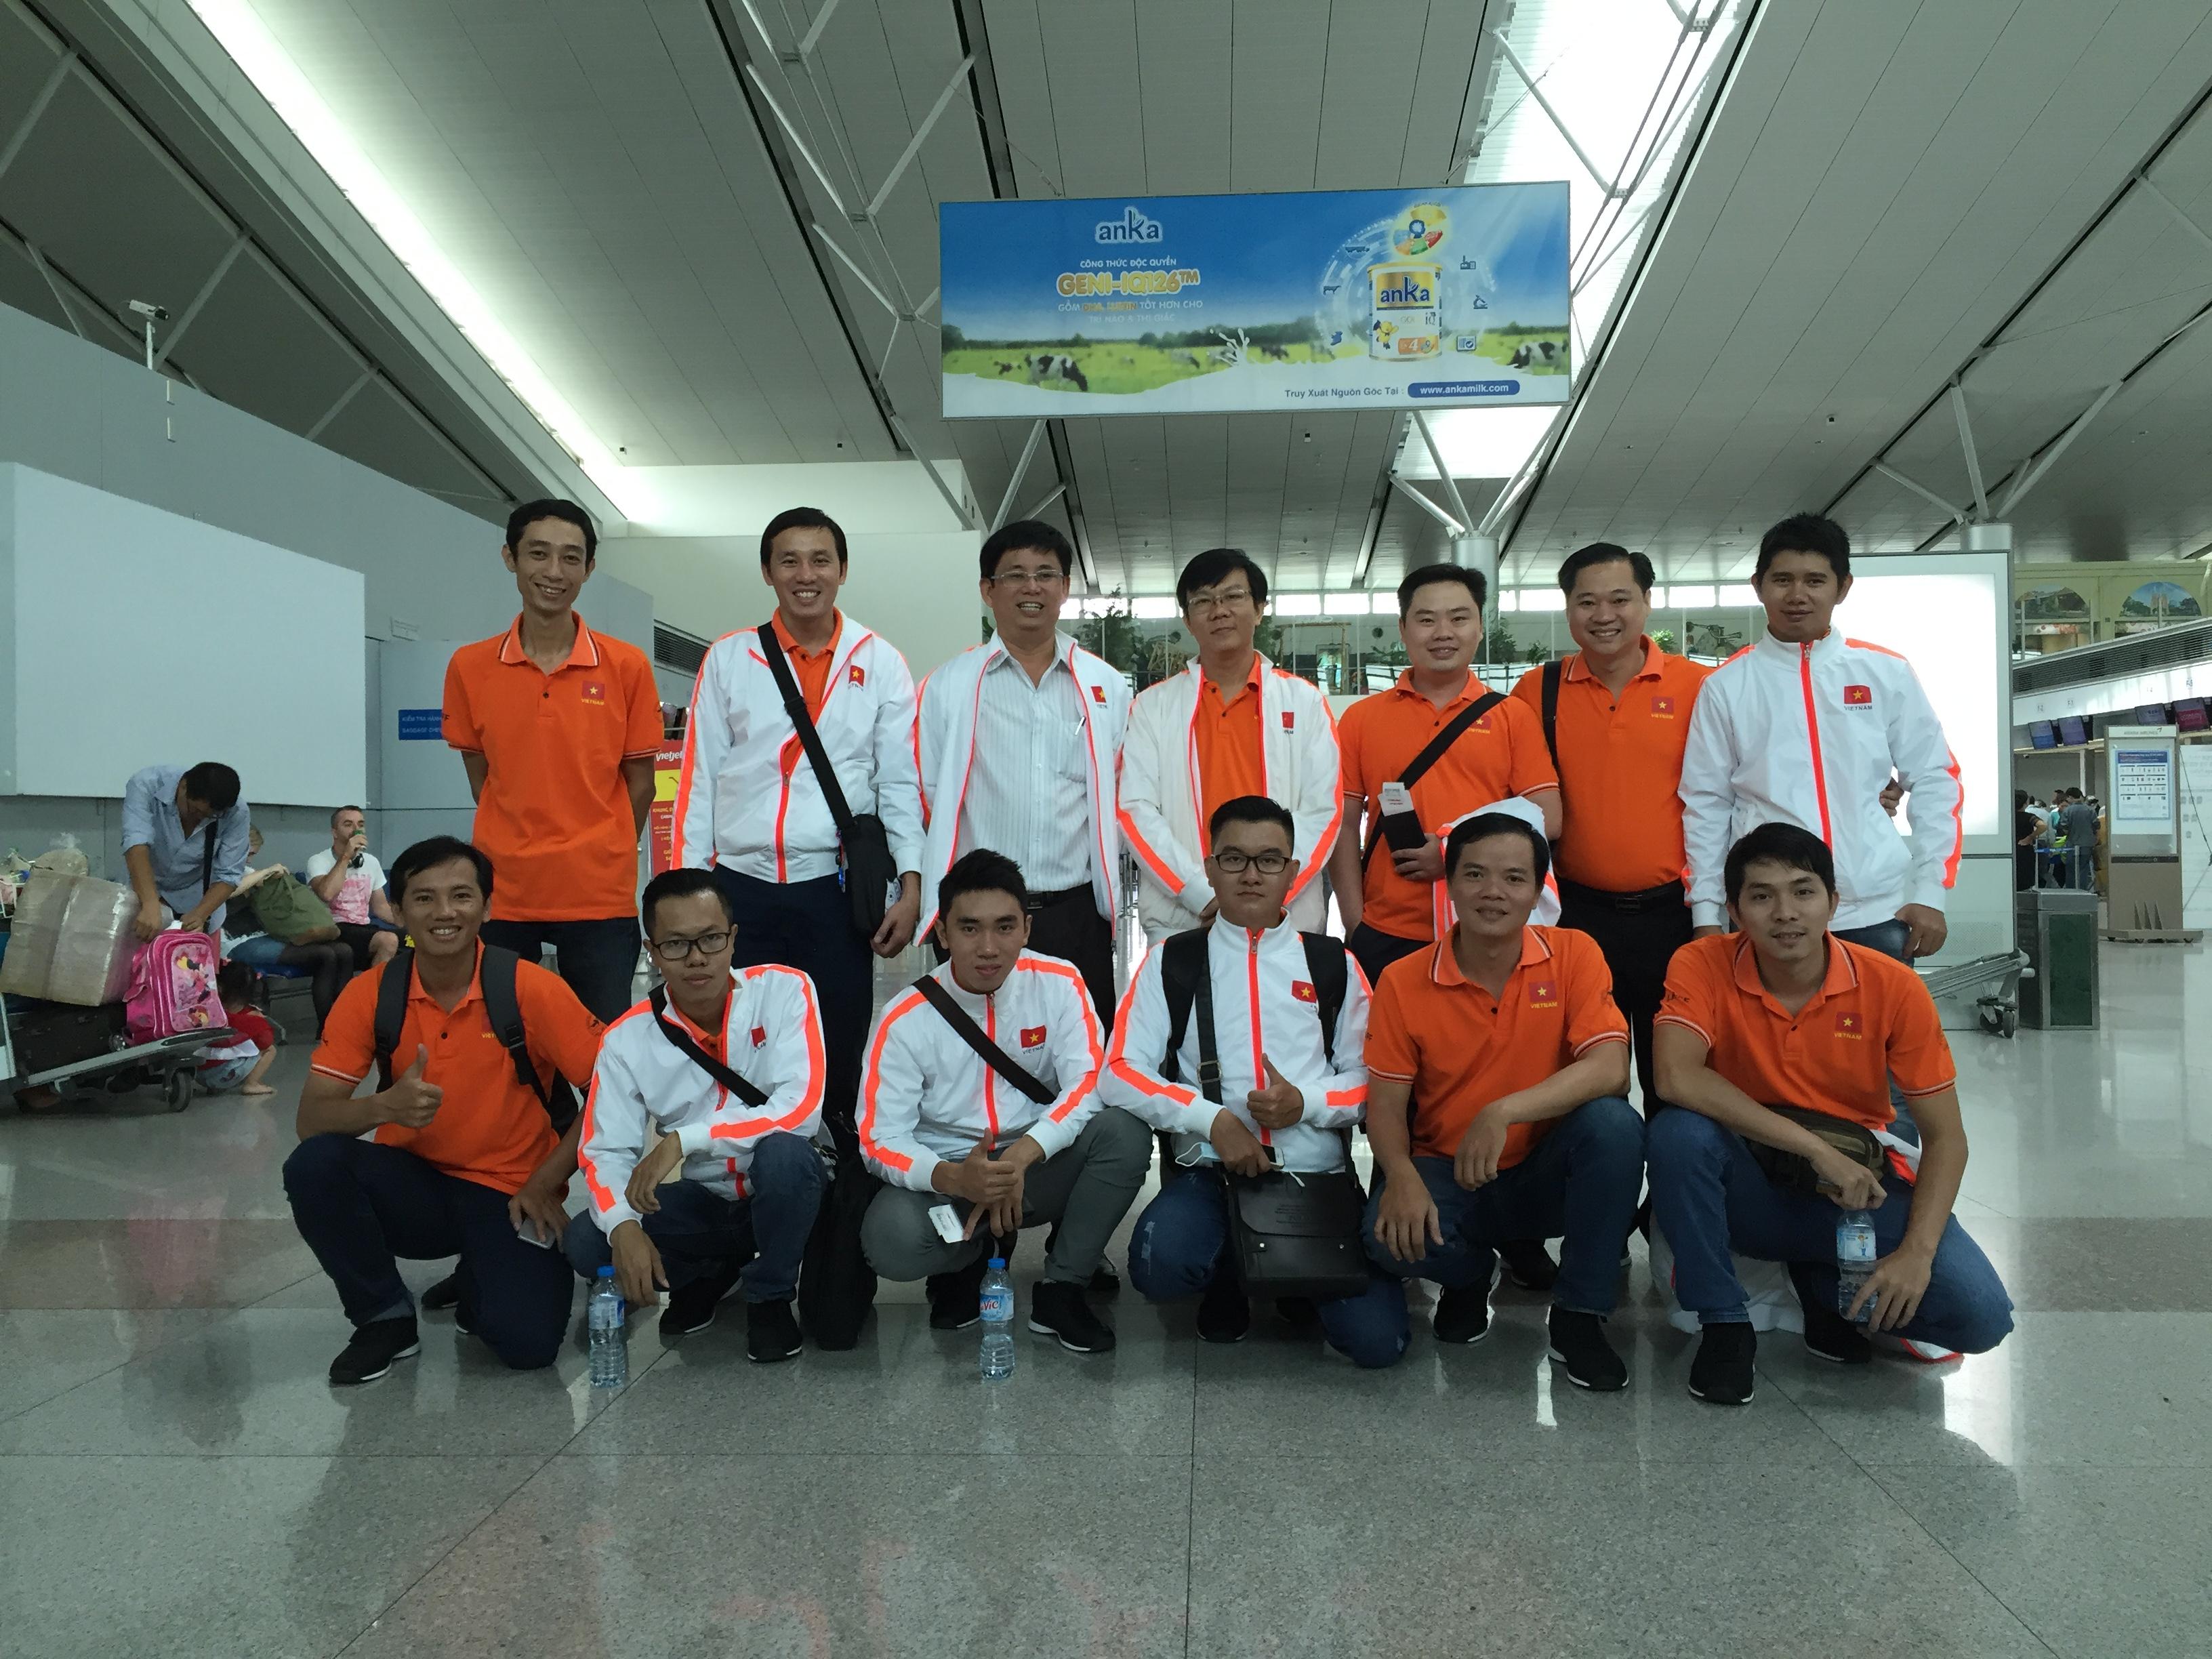 Các thành viên của LH - FF và đoàn Robocon Đại học Lạc Hồng tại sân bay Tân Sơn Nhất (Ảnh: Bá Thuận)